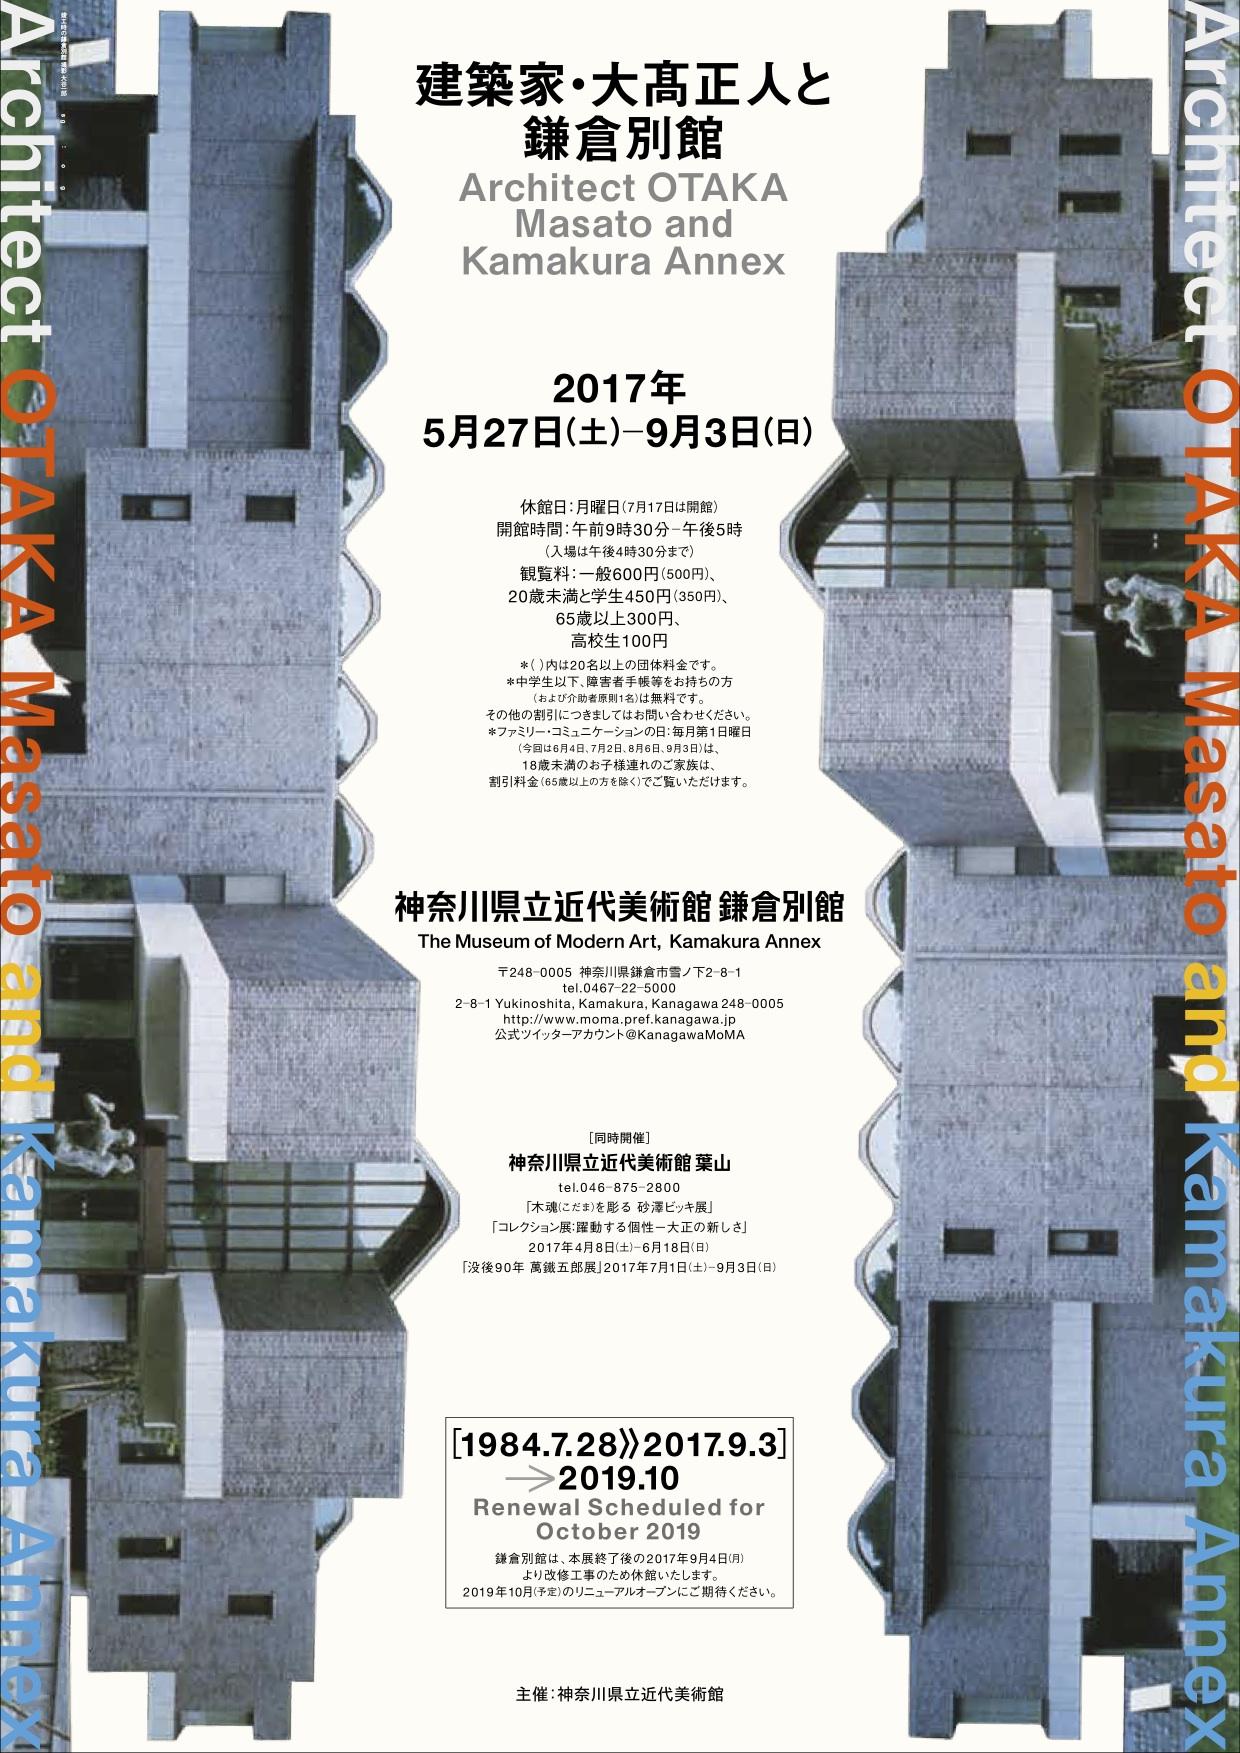 建築家・大高正人と鎌倉 別館 Architect OTAKA Masato and Kamakura Annex